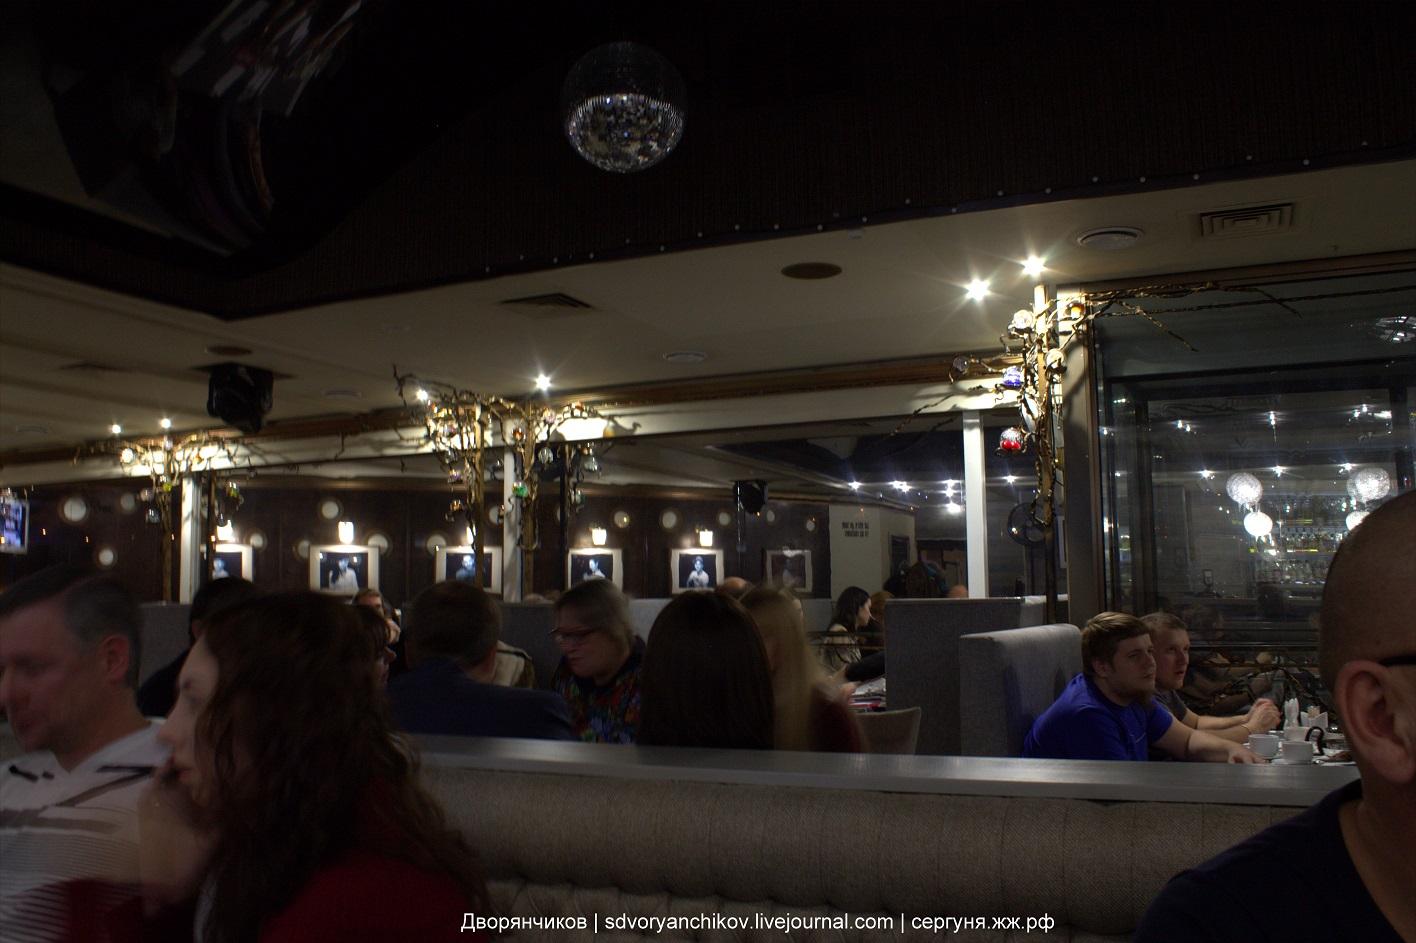 КВИЗ - Волгоград 30 ноября 2016